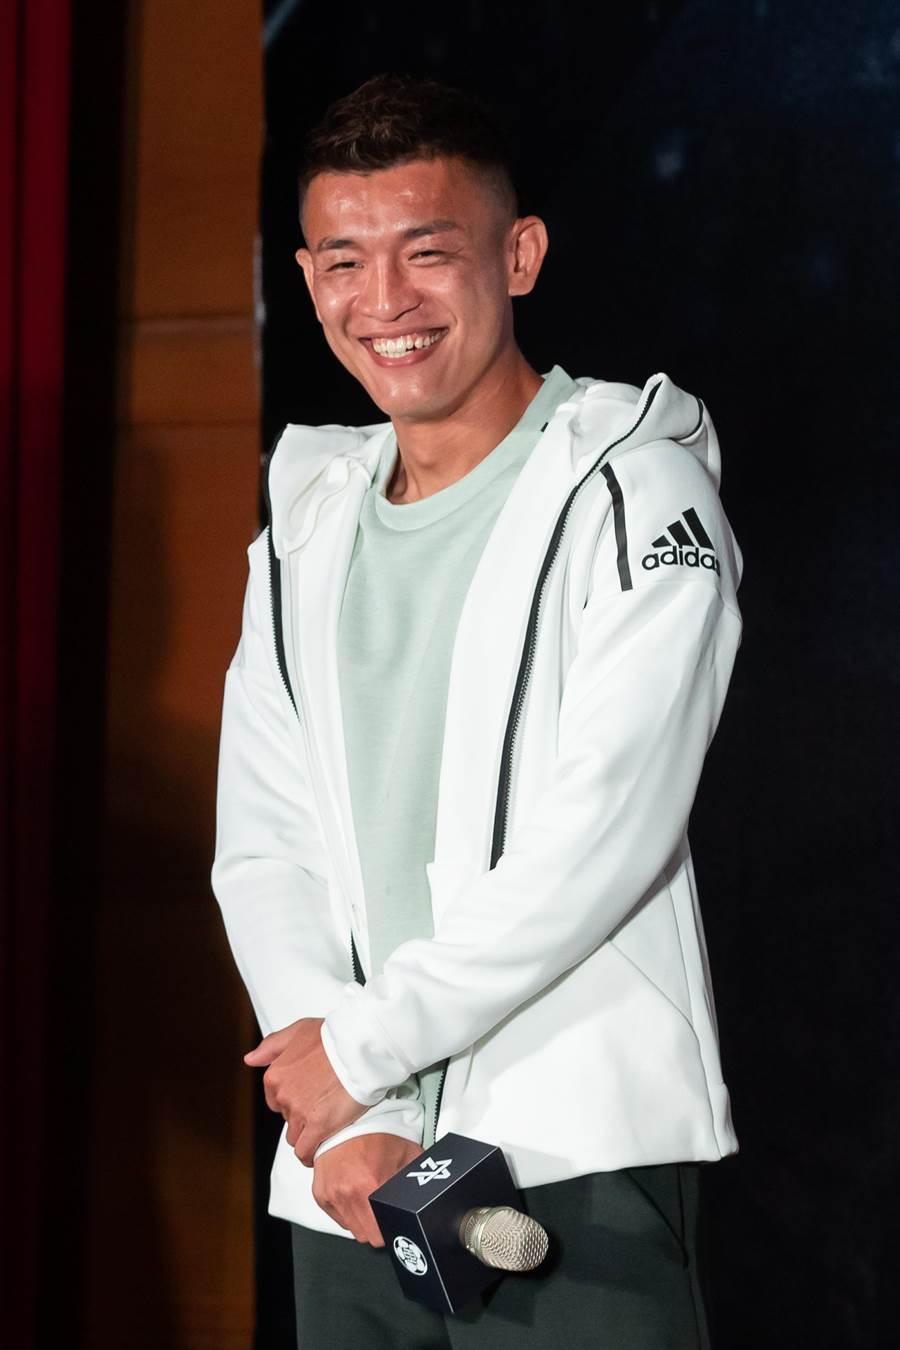 中華男足隊長陳柏良趕回台灣,參加自己創辦的國際高中邀請賽記者會。(展逸提供)